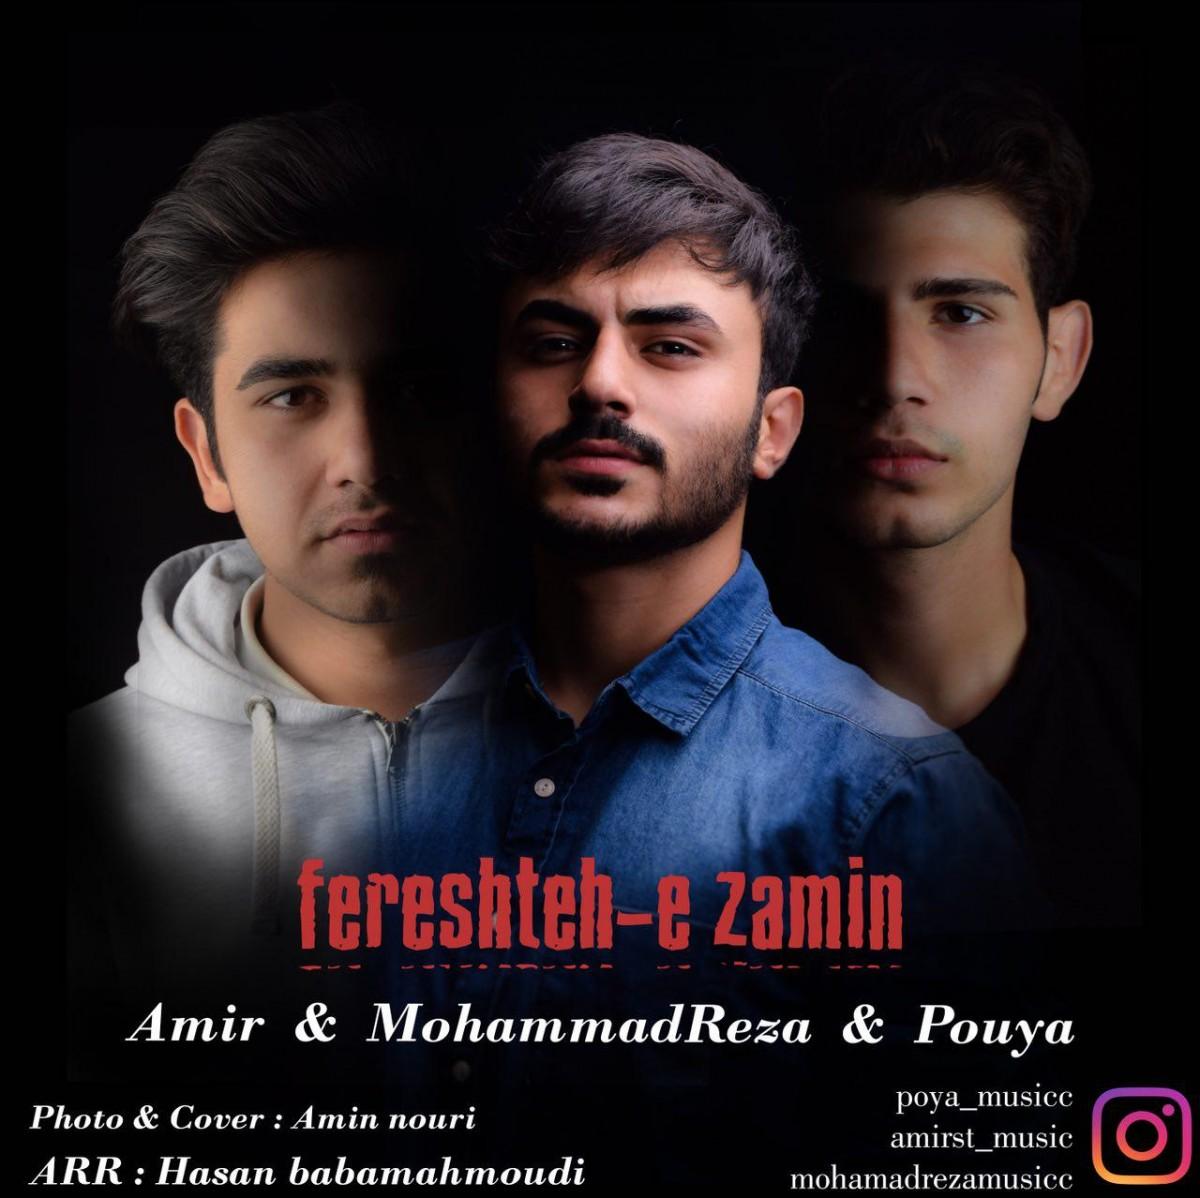 نامبر وان موزیک   دانلود آهنگ جدید Amir-St-Freshtehe-Zamin-Ft-MohammadReza-And-Pouya